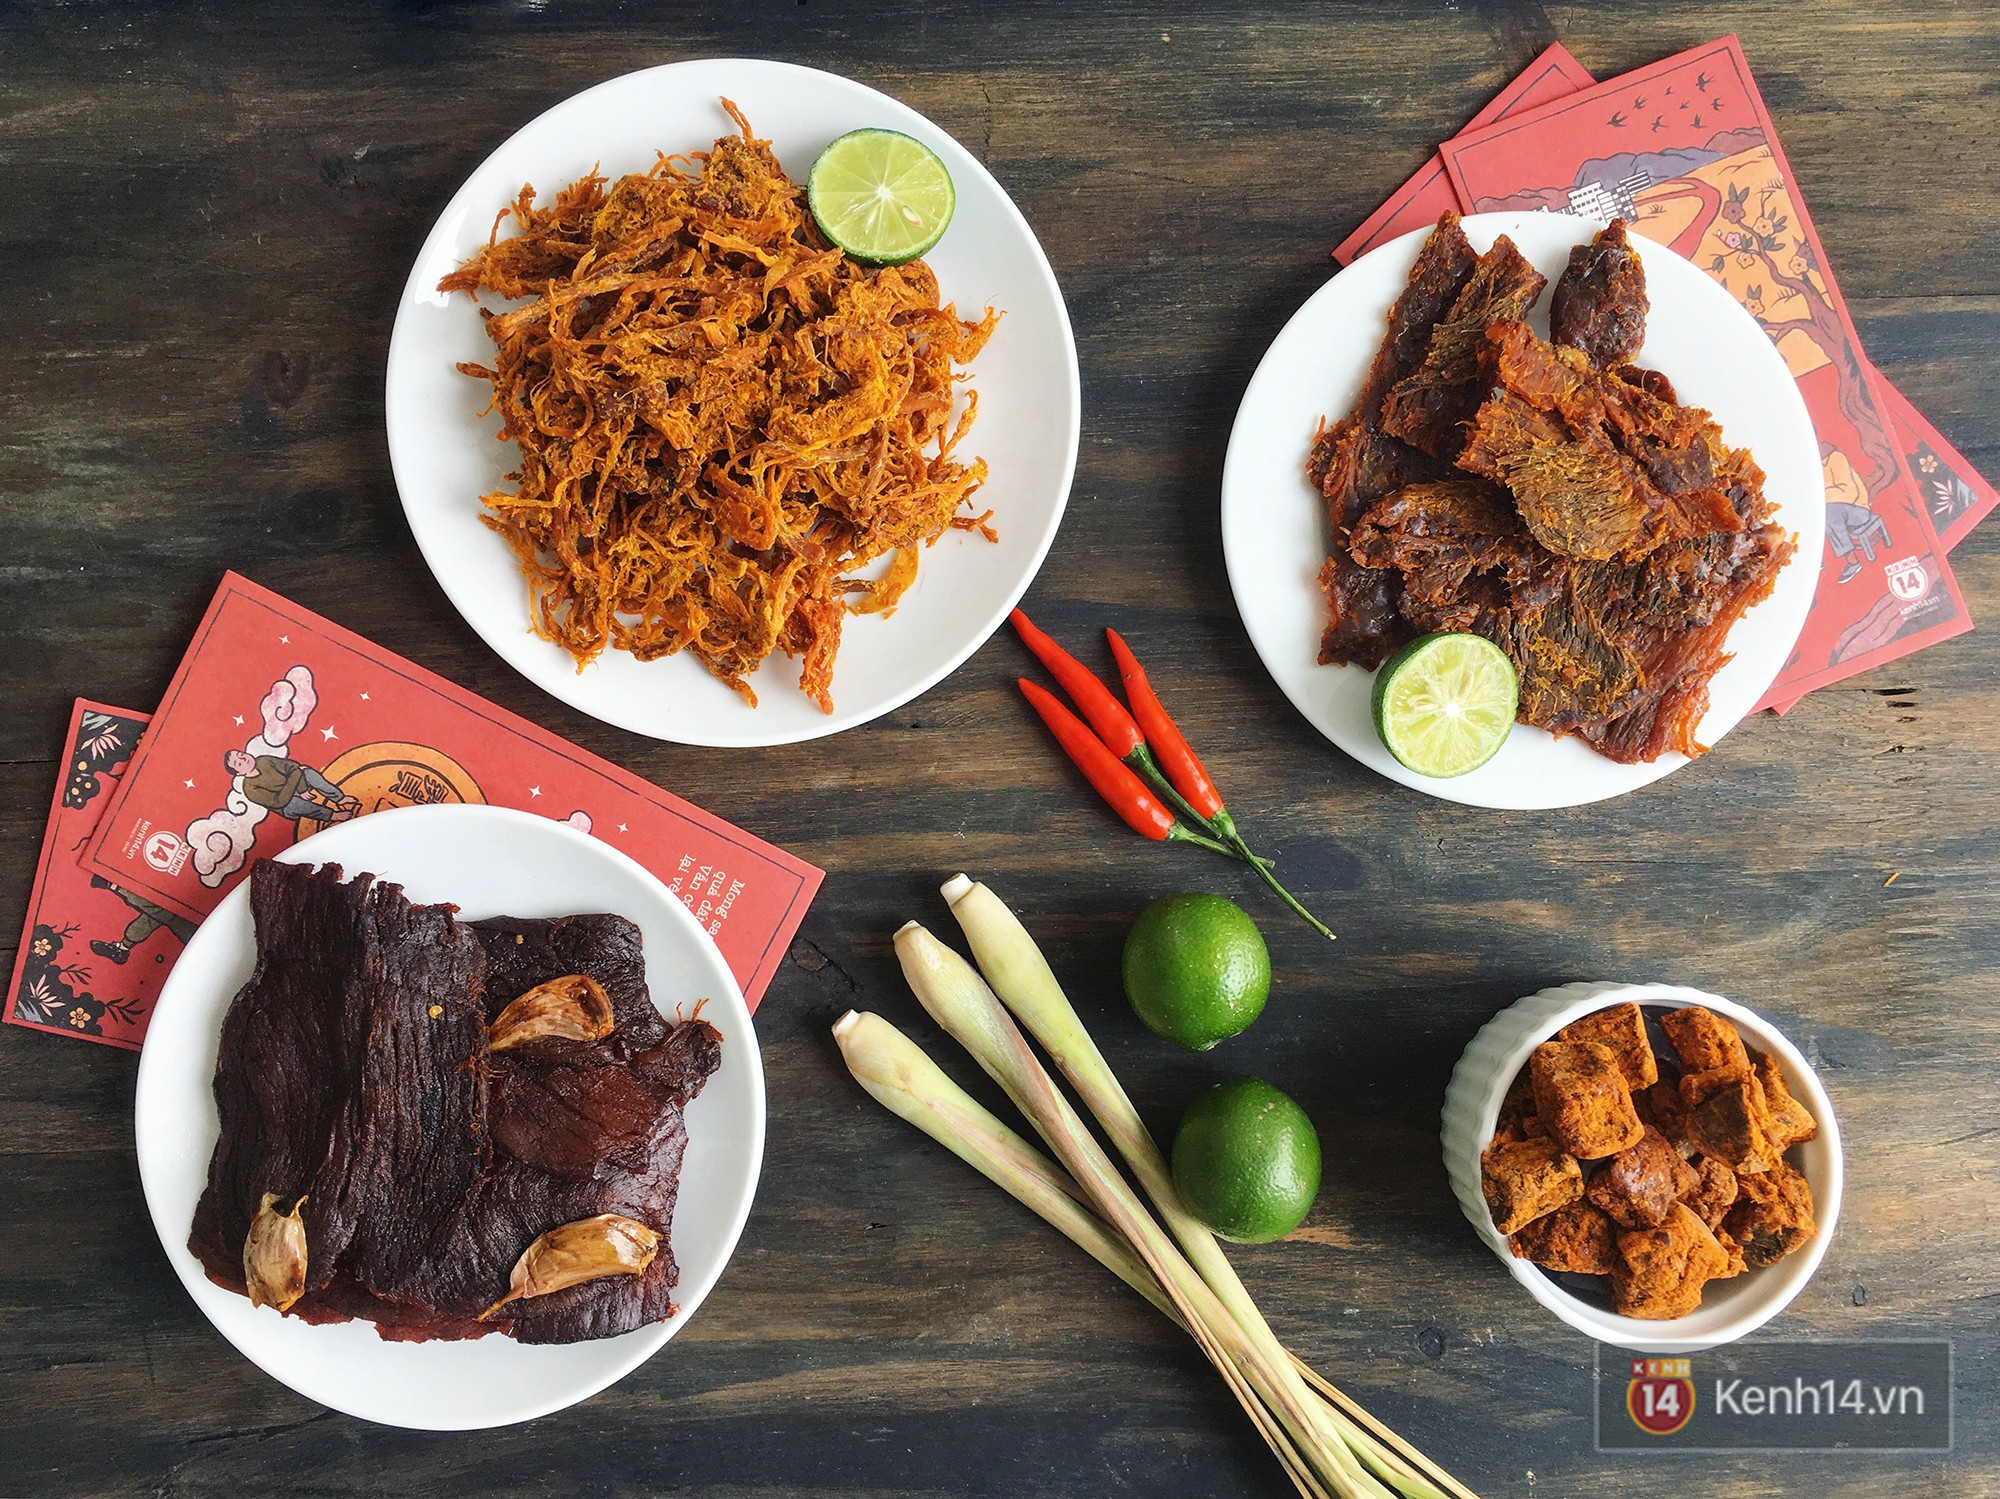 Tưởng chỉ là món ăn vặt lai rai nhưng hóa ra bò khô lại ngẫu nhiên trở thành topping trong loạt các món ăn Hà Nội này - Ảnh 1.